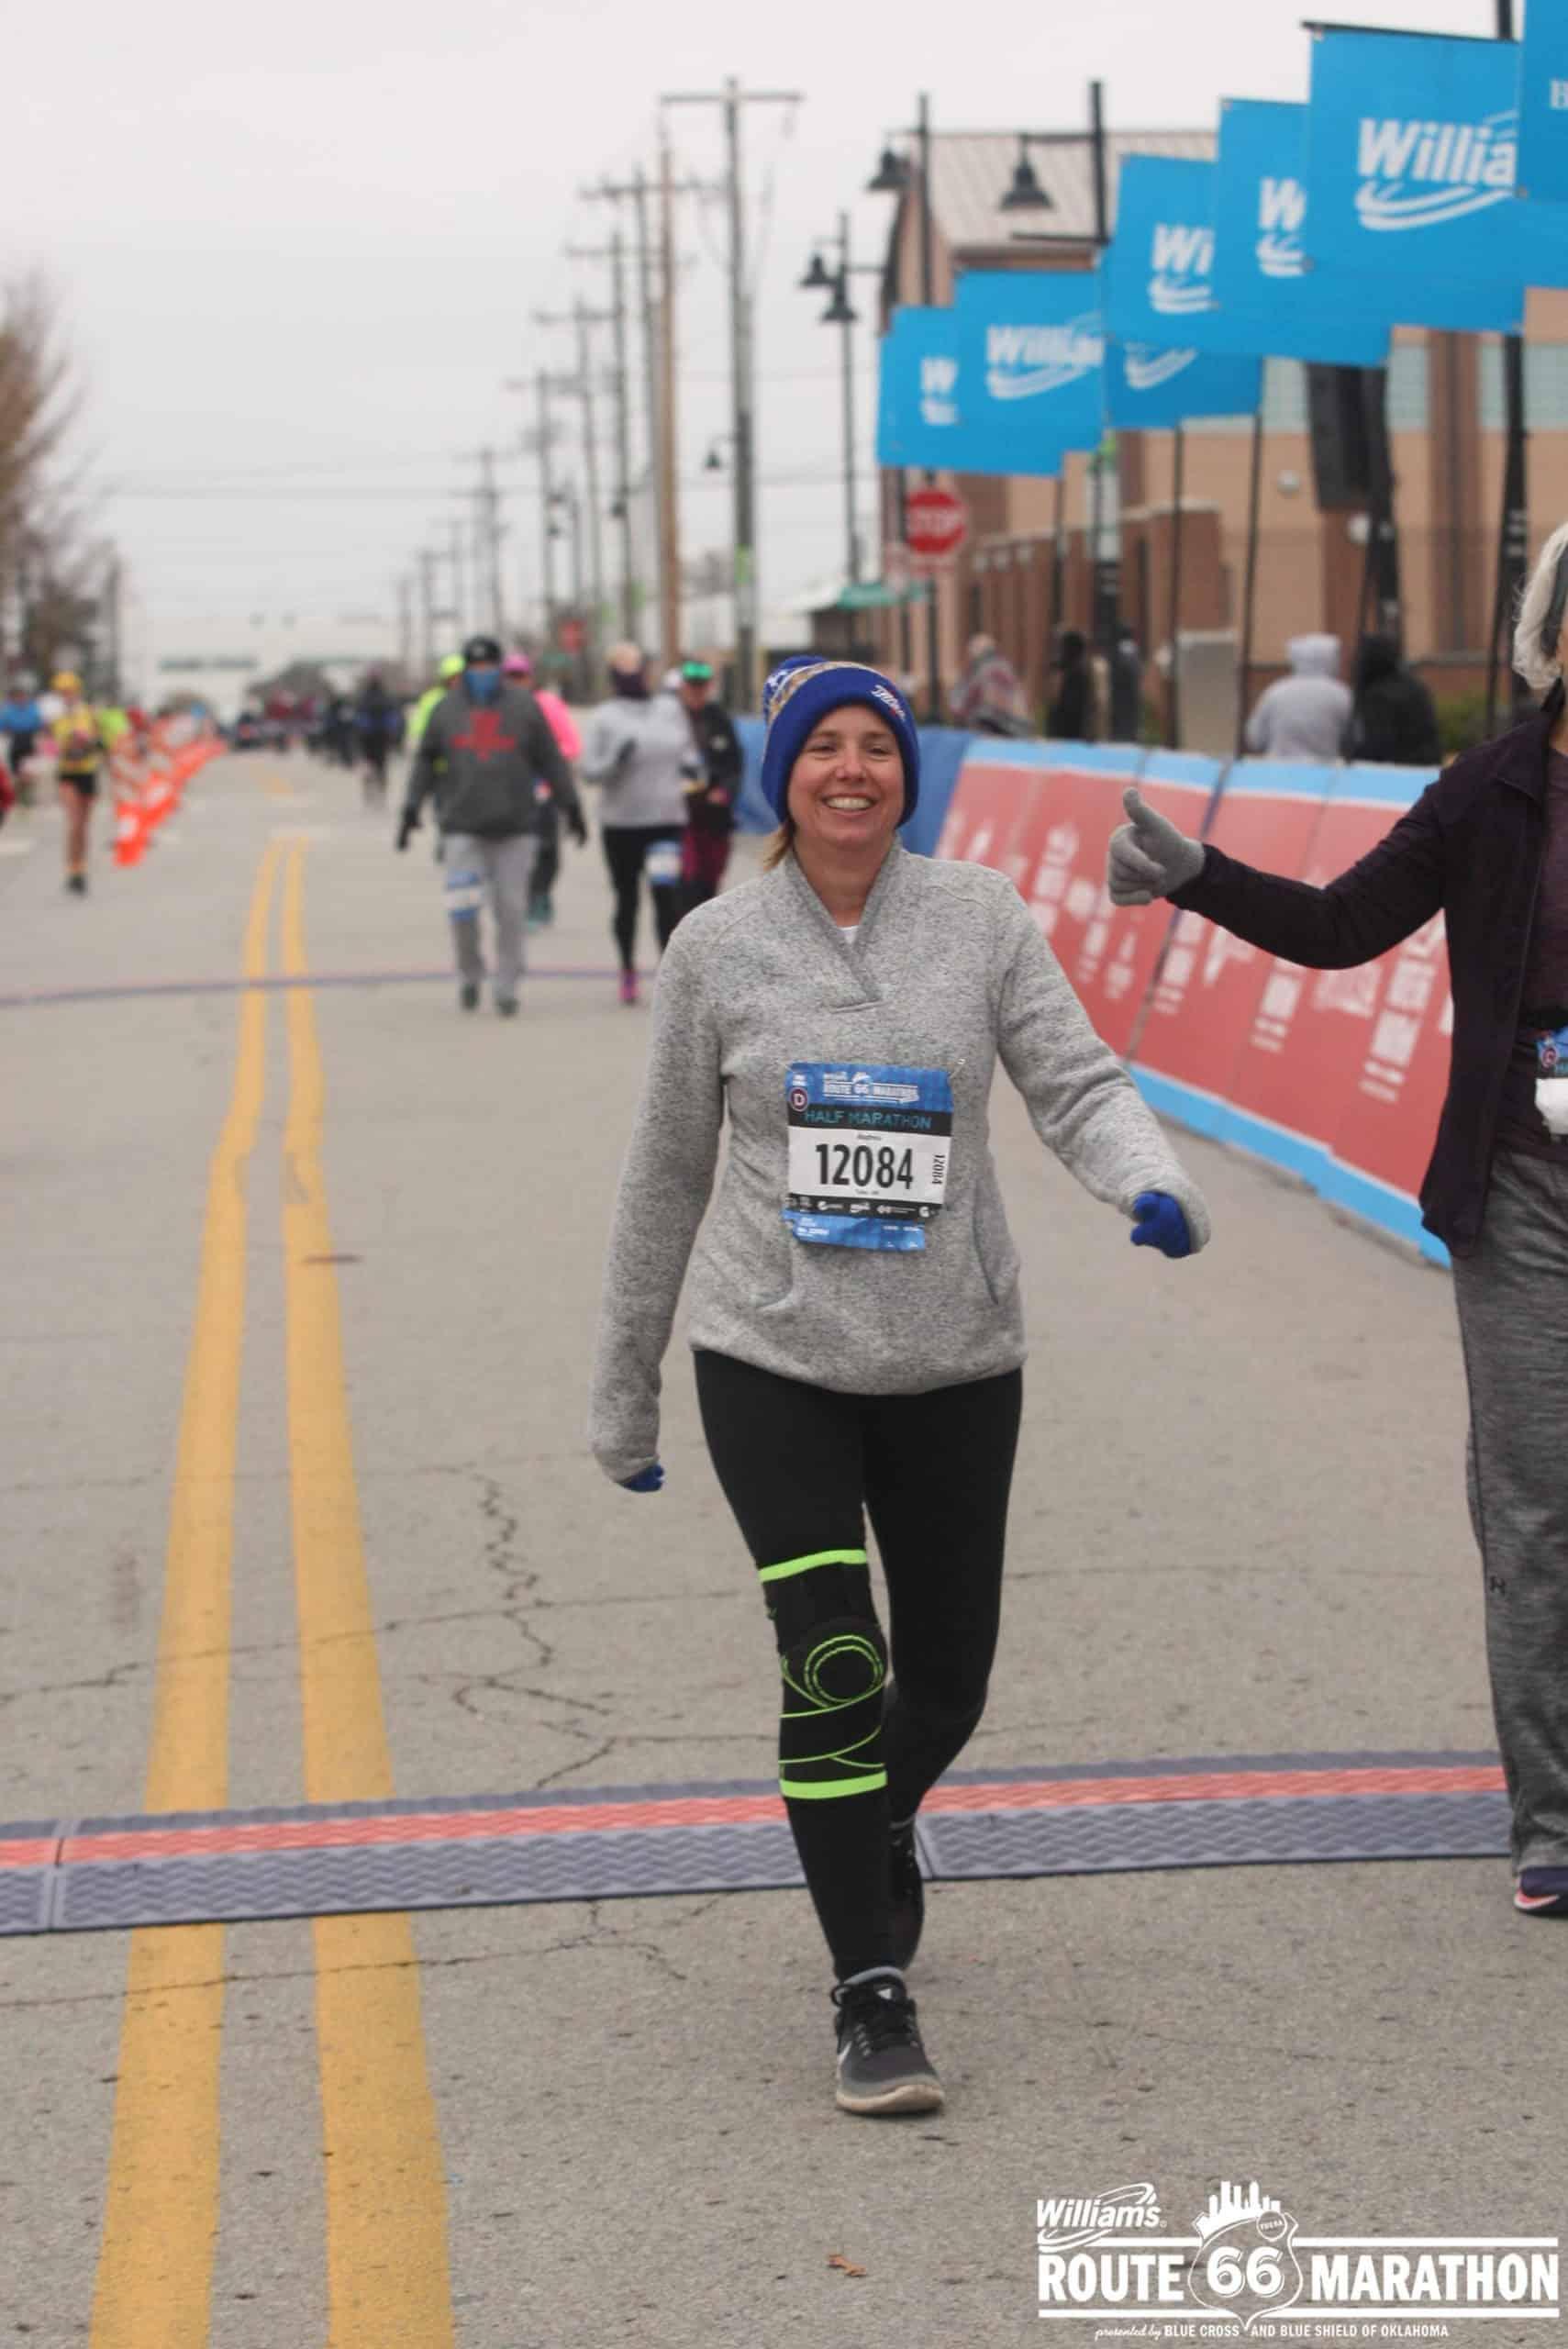 Route 66 Marathon Testimonial